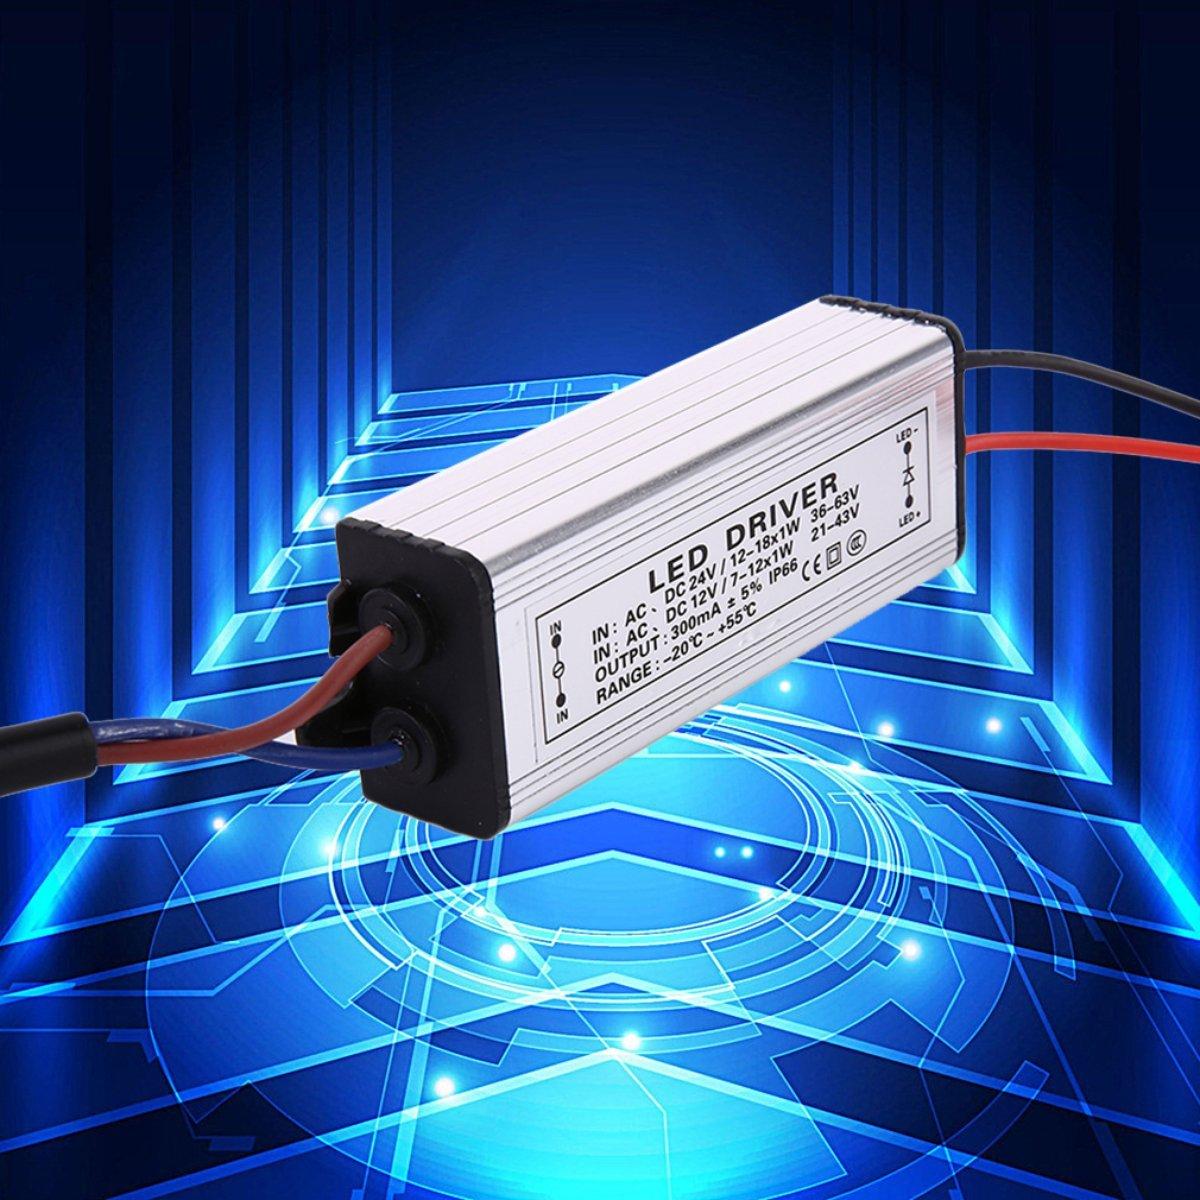 Gugutogo 12-18W AC / DC1 2-24V alluminio LED trasformatore elettronico alimentatore Driver alimentatore a bassa tensione argento (Colore: argento)